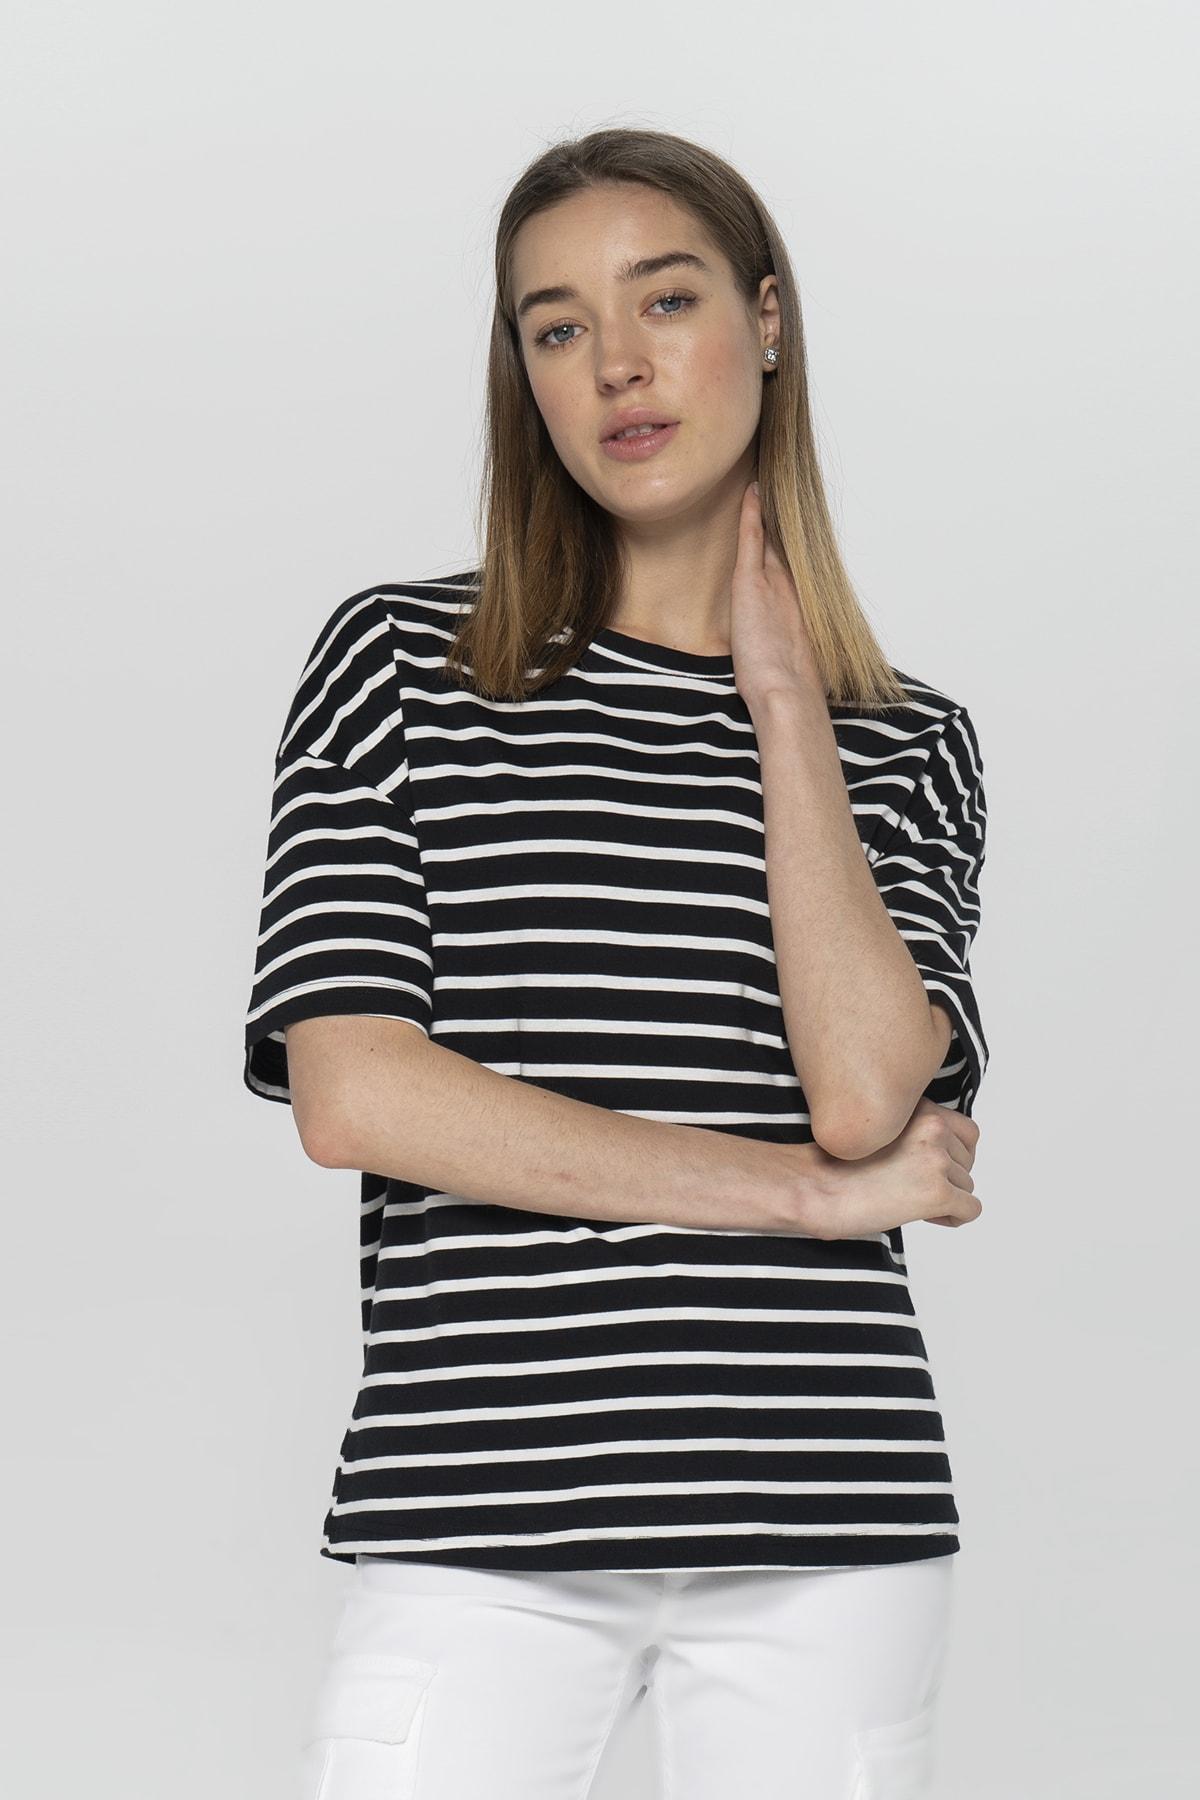 Kadın Siyah-Beyaz İpliği Boyalı Çizgili Bisiklet Yaka Kısa Kol T-Shirt 55793-508